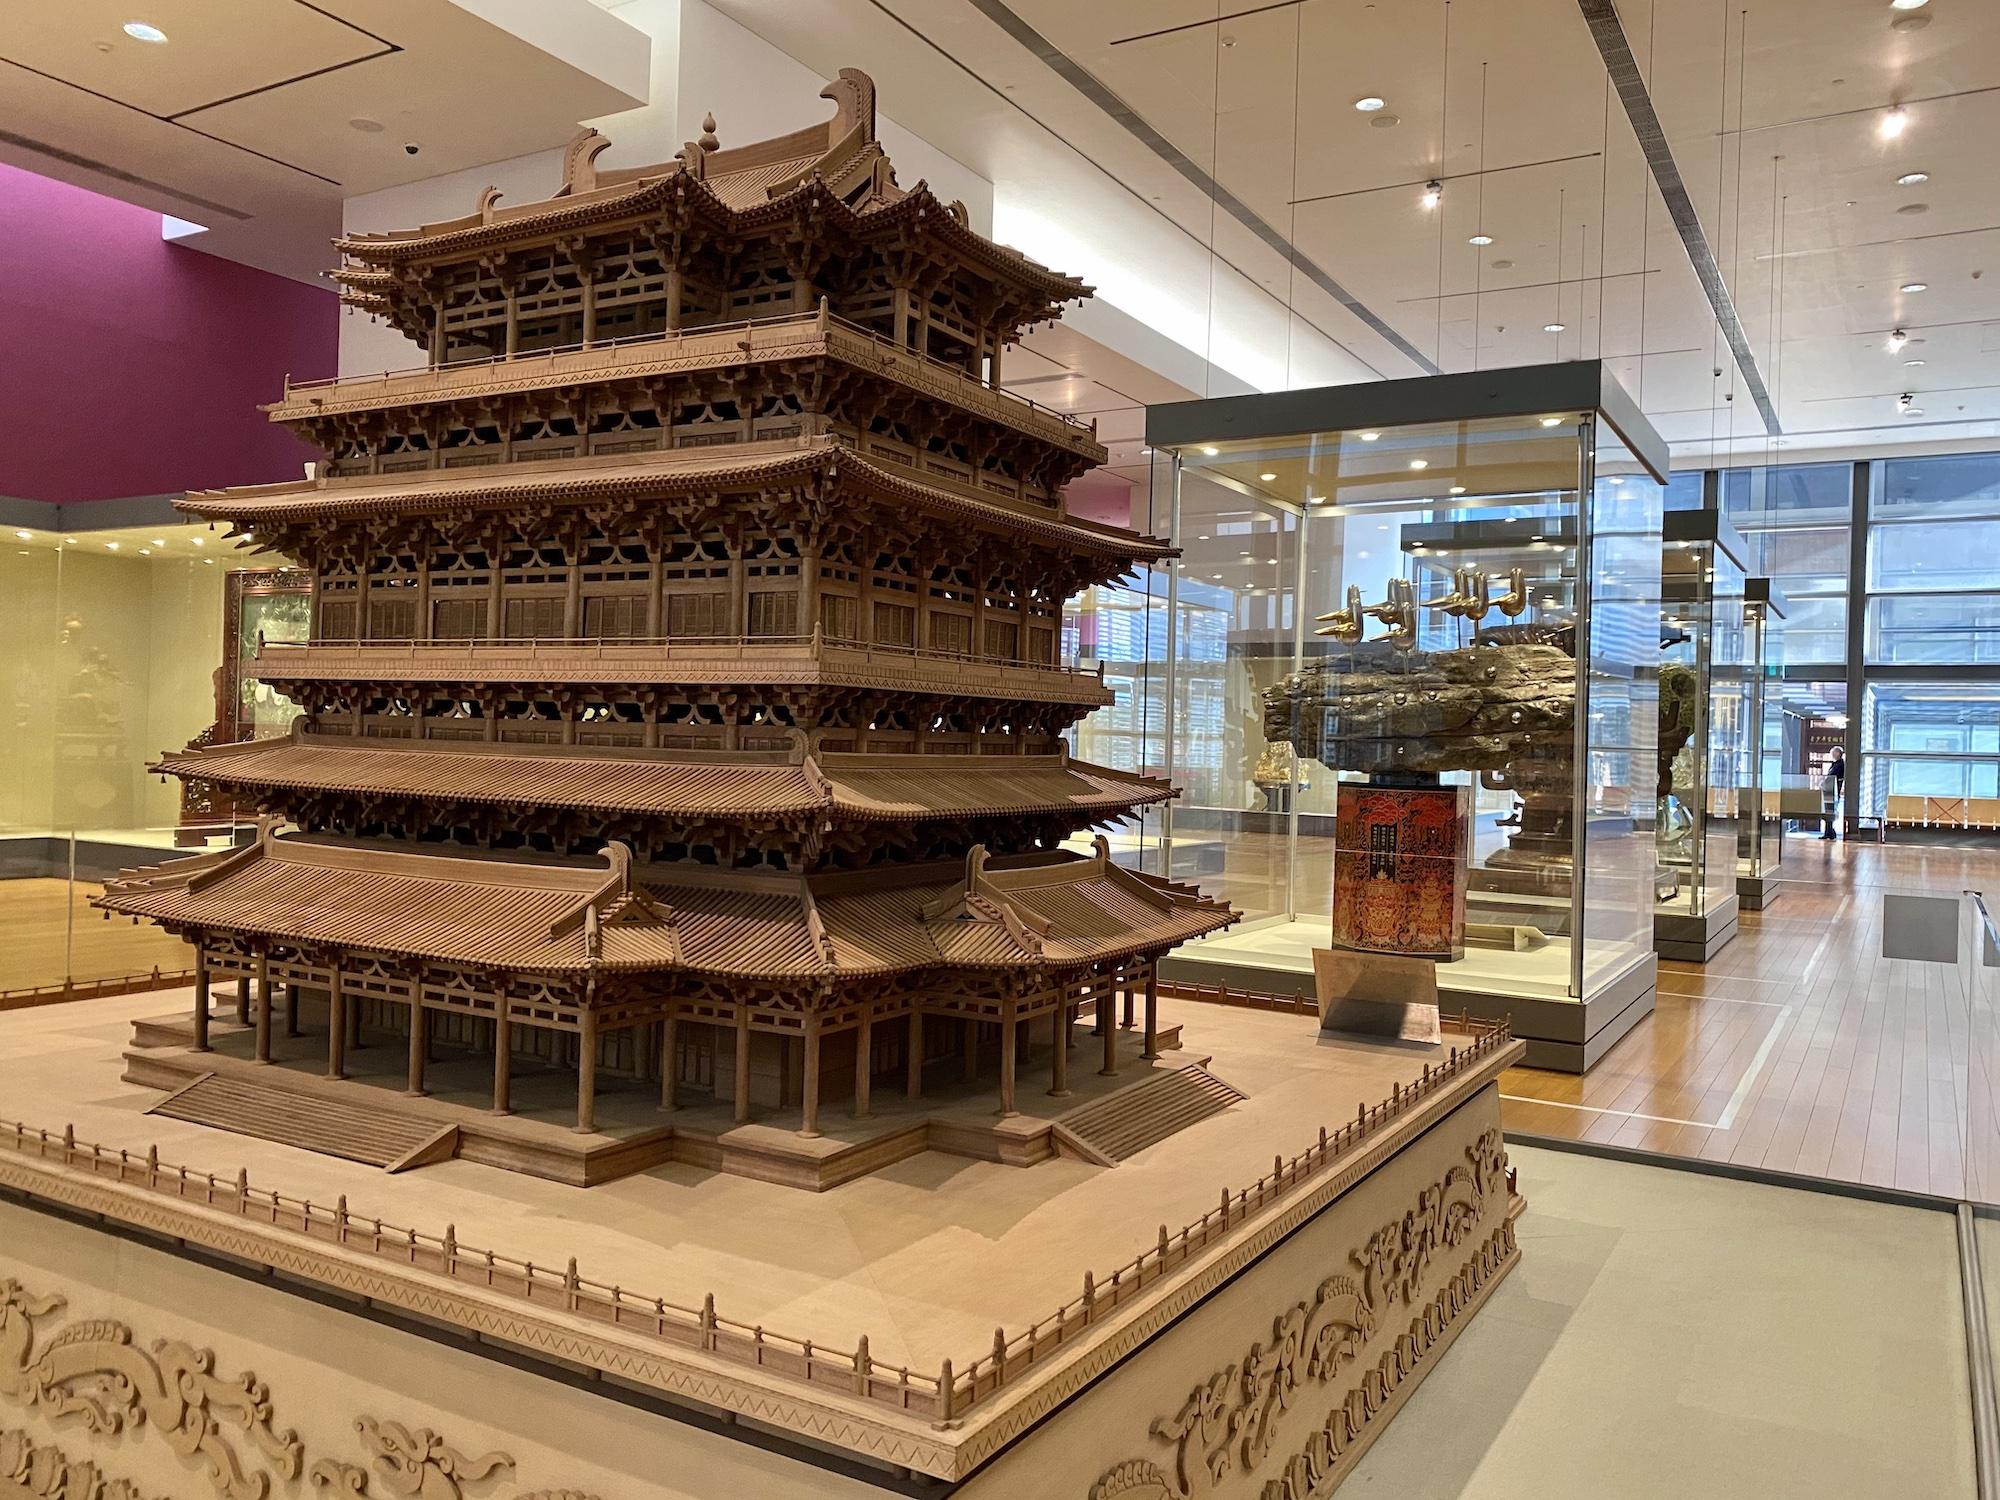 handover gifts museum of macau